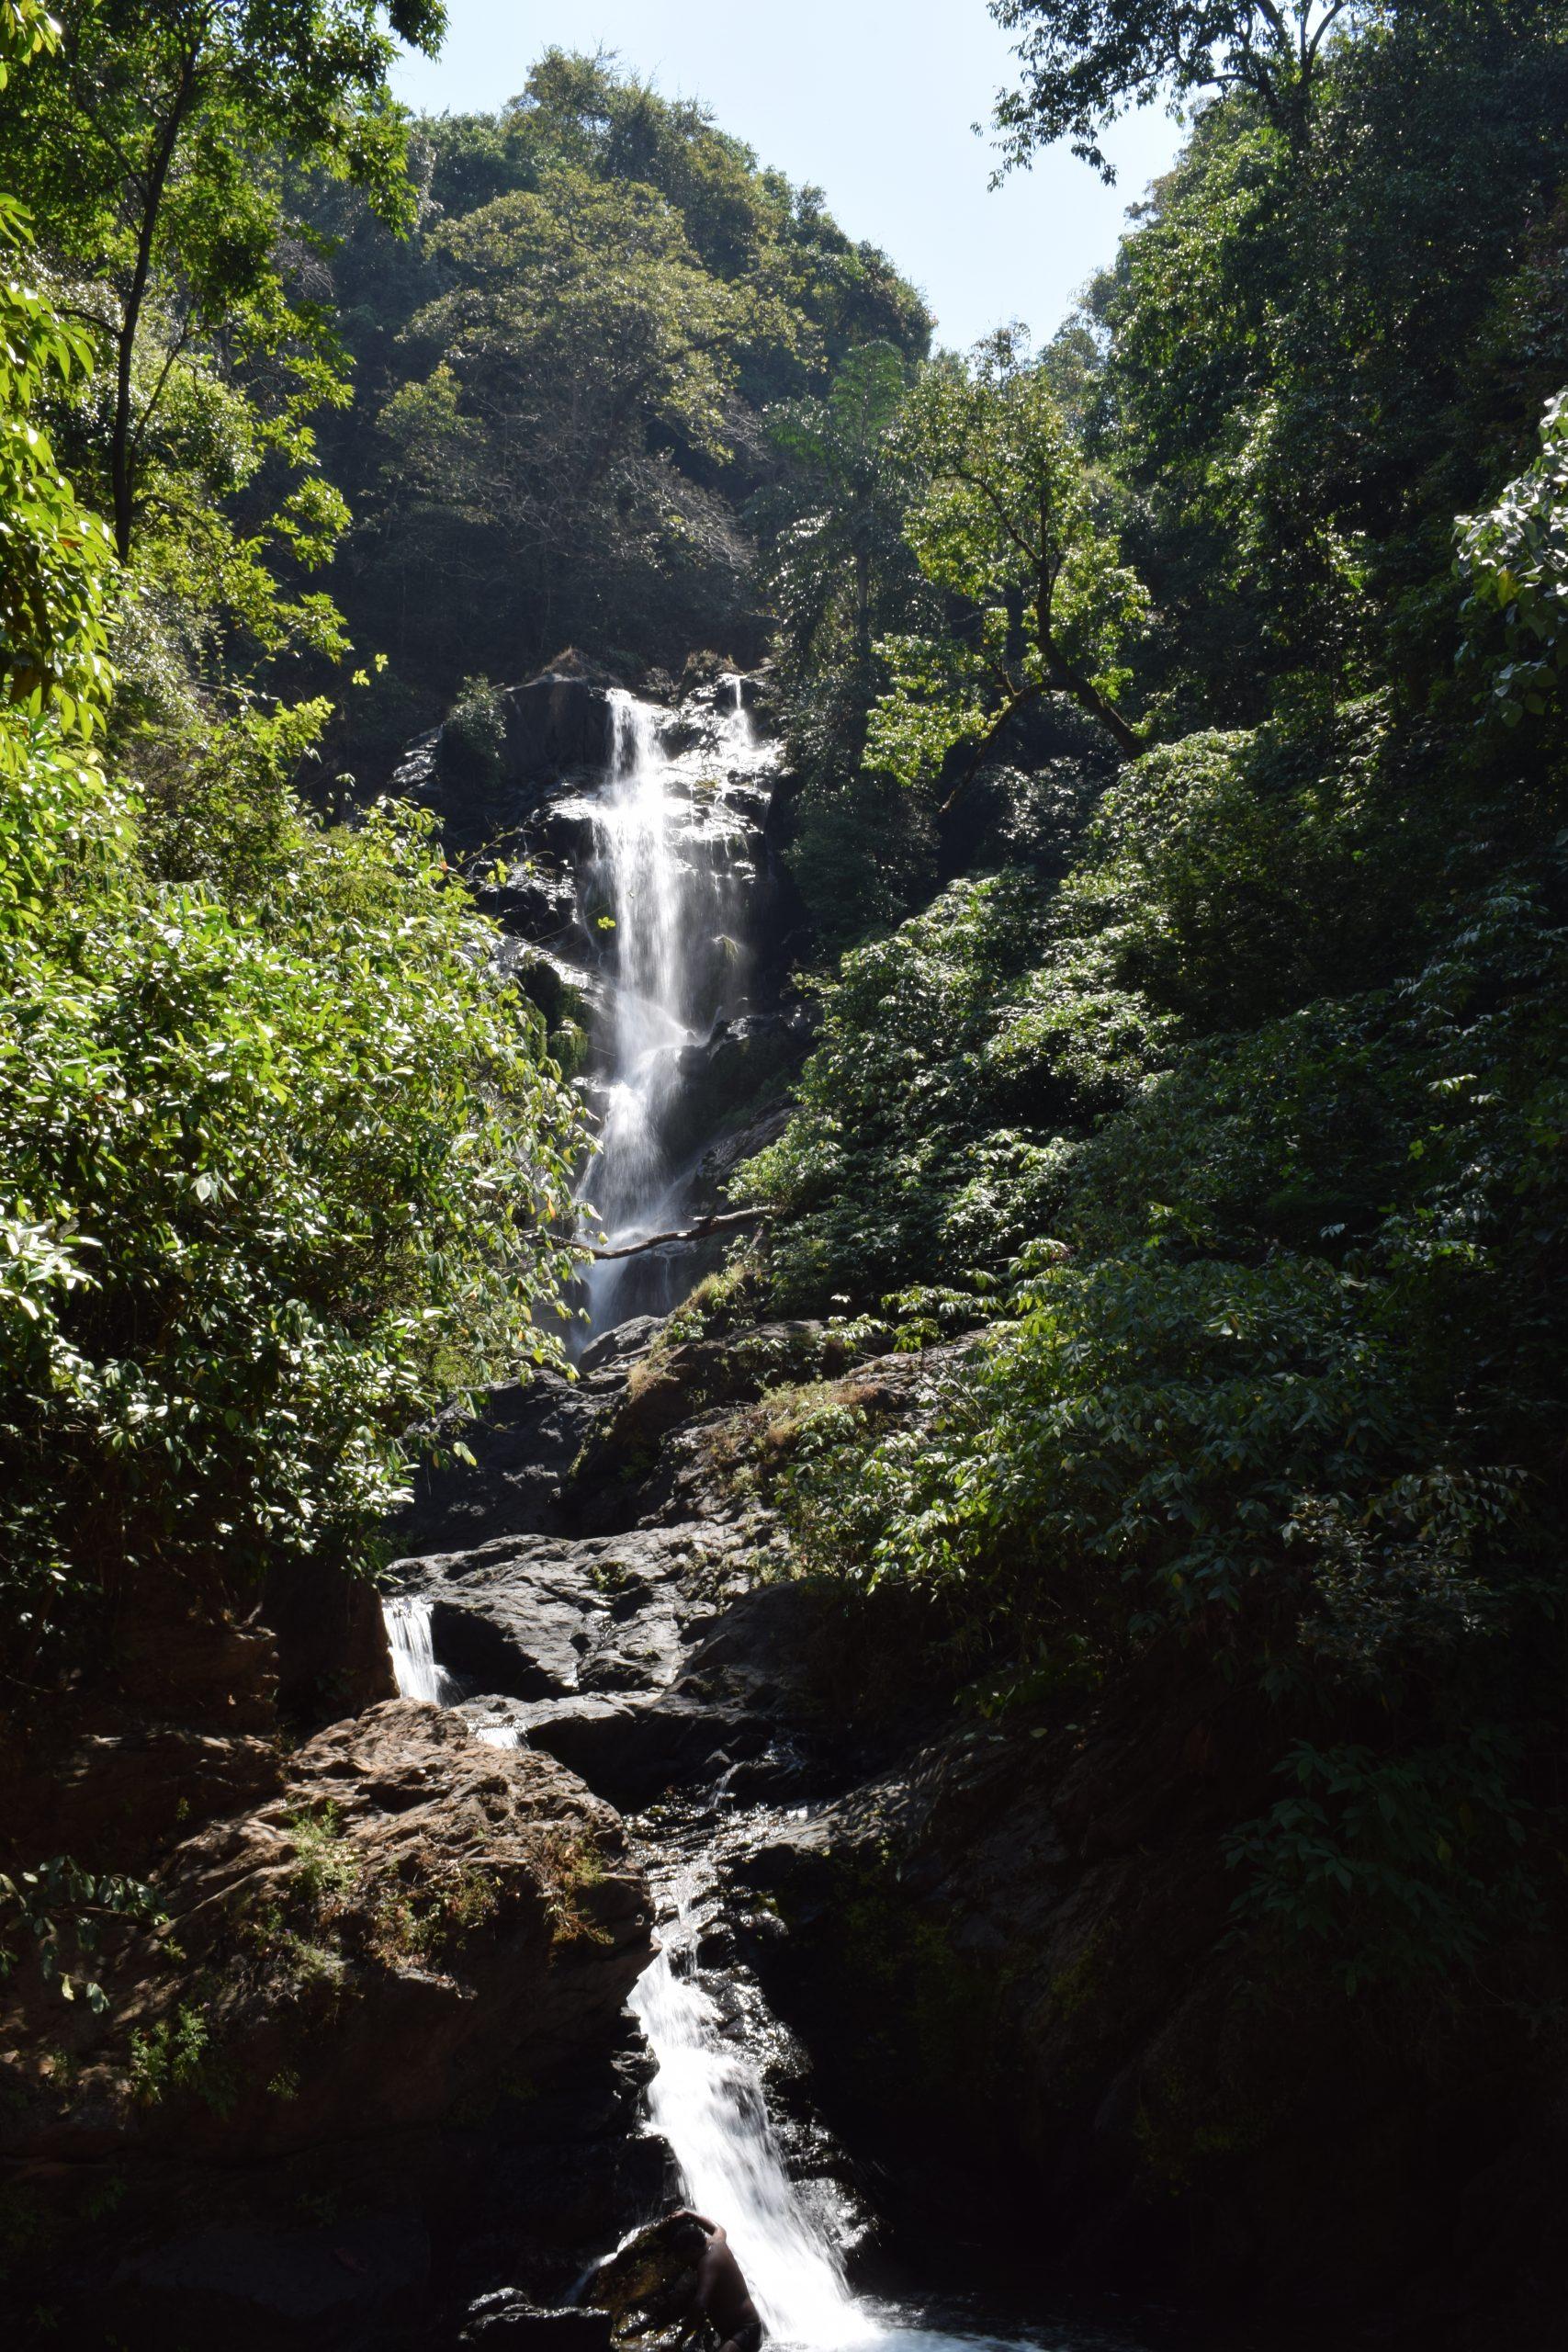 Flowing beauty of Waterfalls